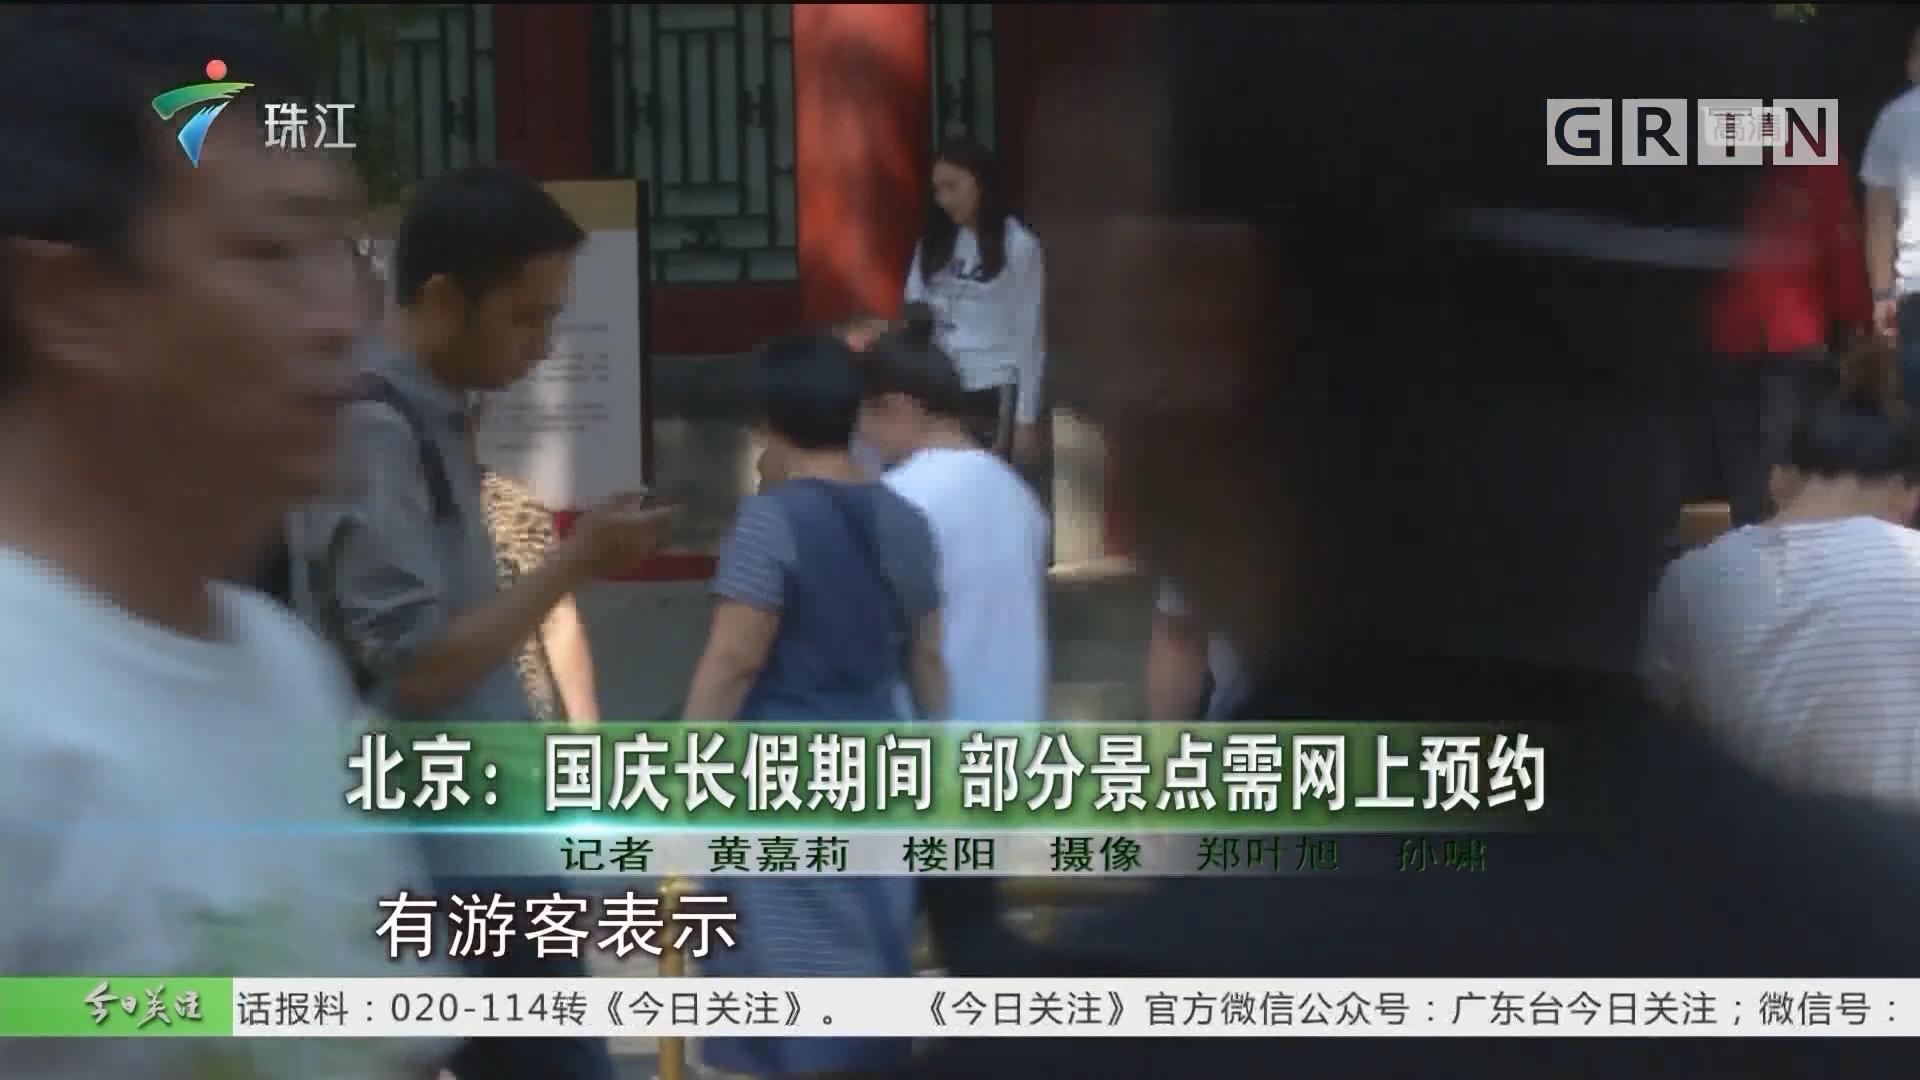 北京:国庆长假期间 部分景点需网上预约